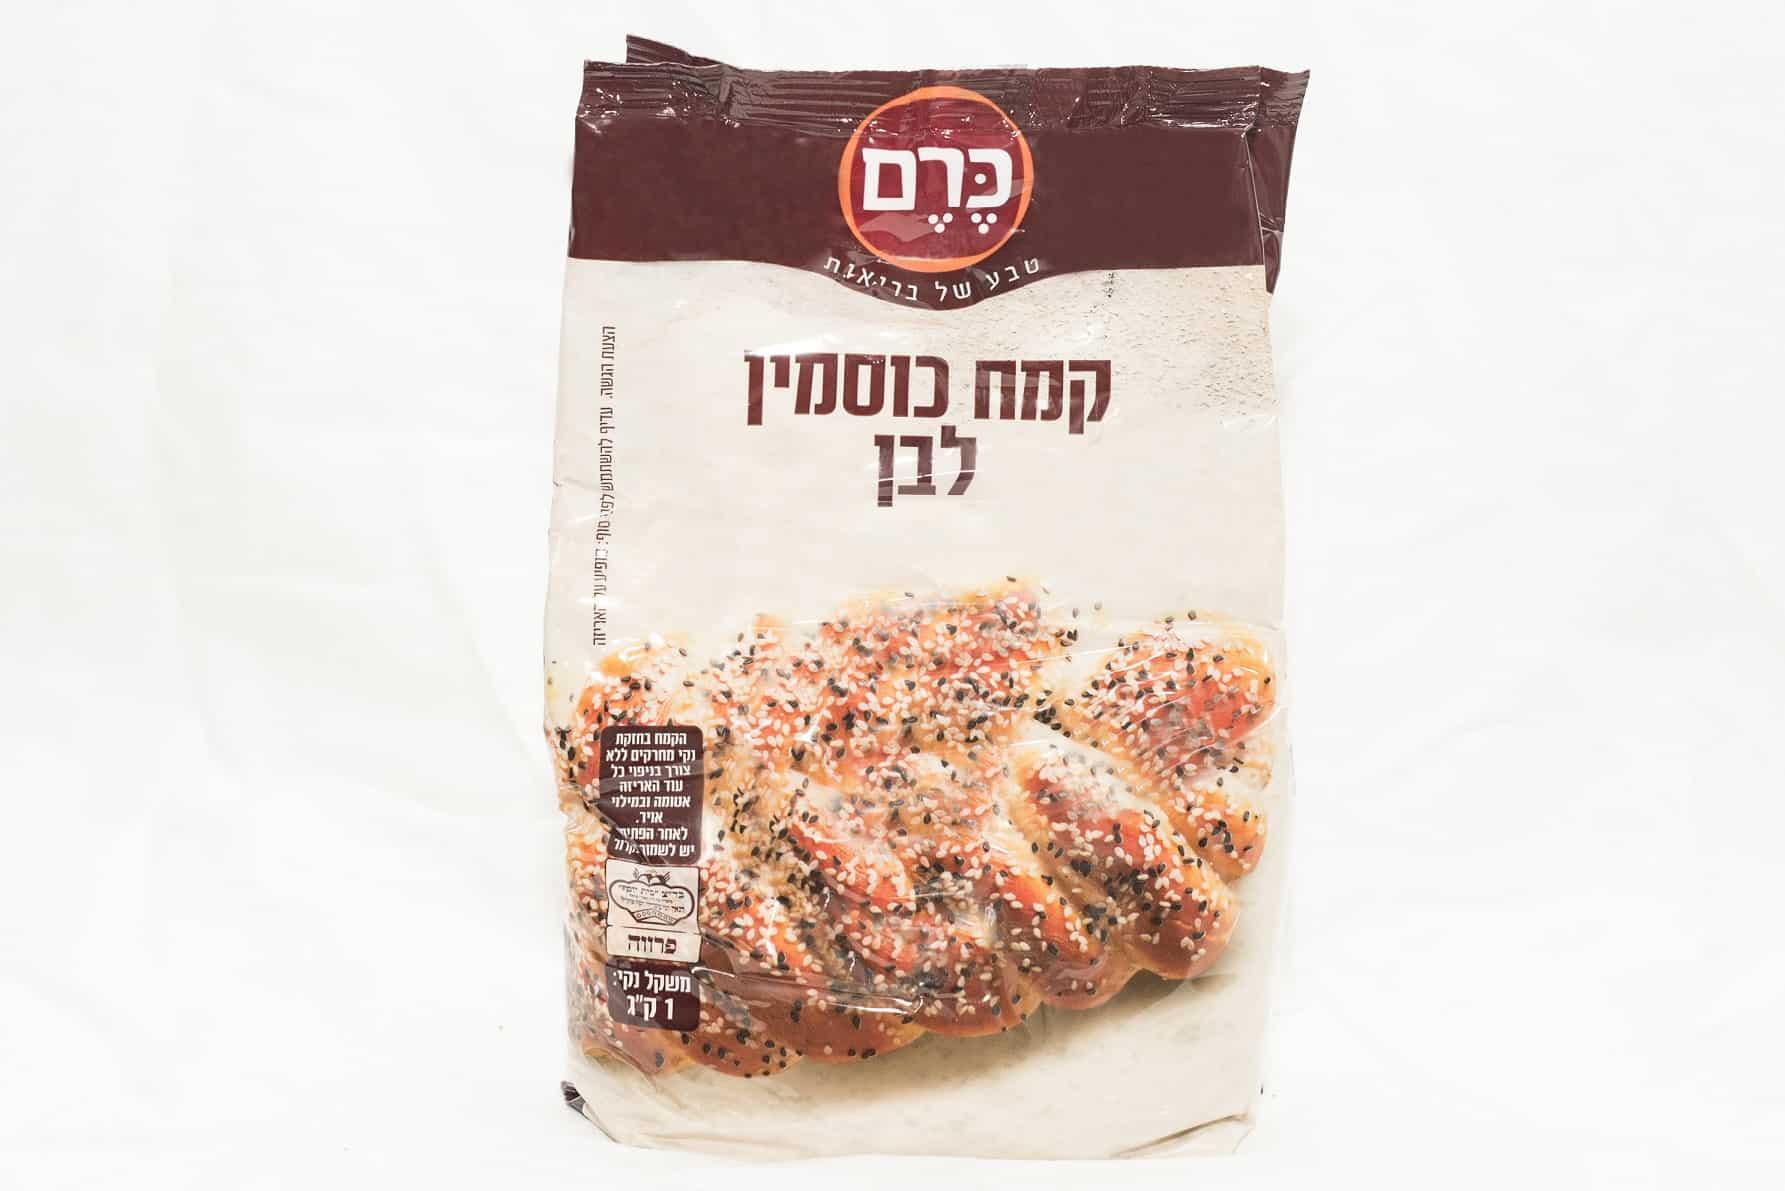 כרם טבע קמח כוסמין לבן - 1 קג 17.90שח צילום איתמר כהן